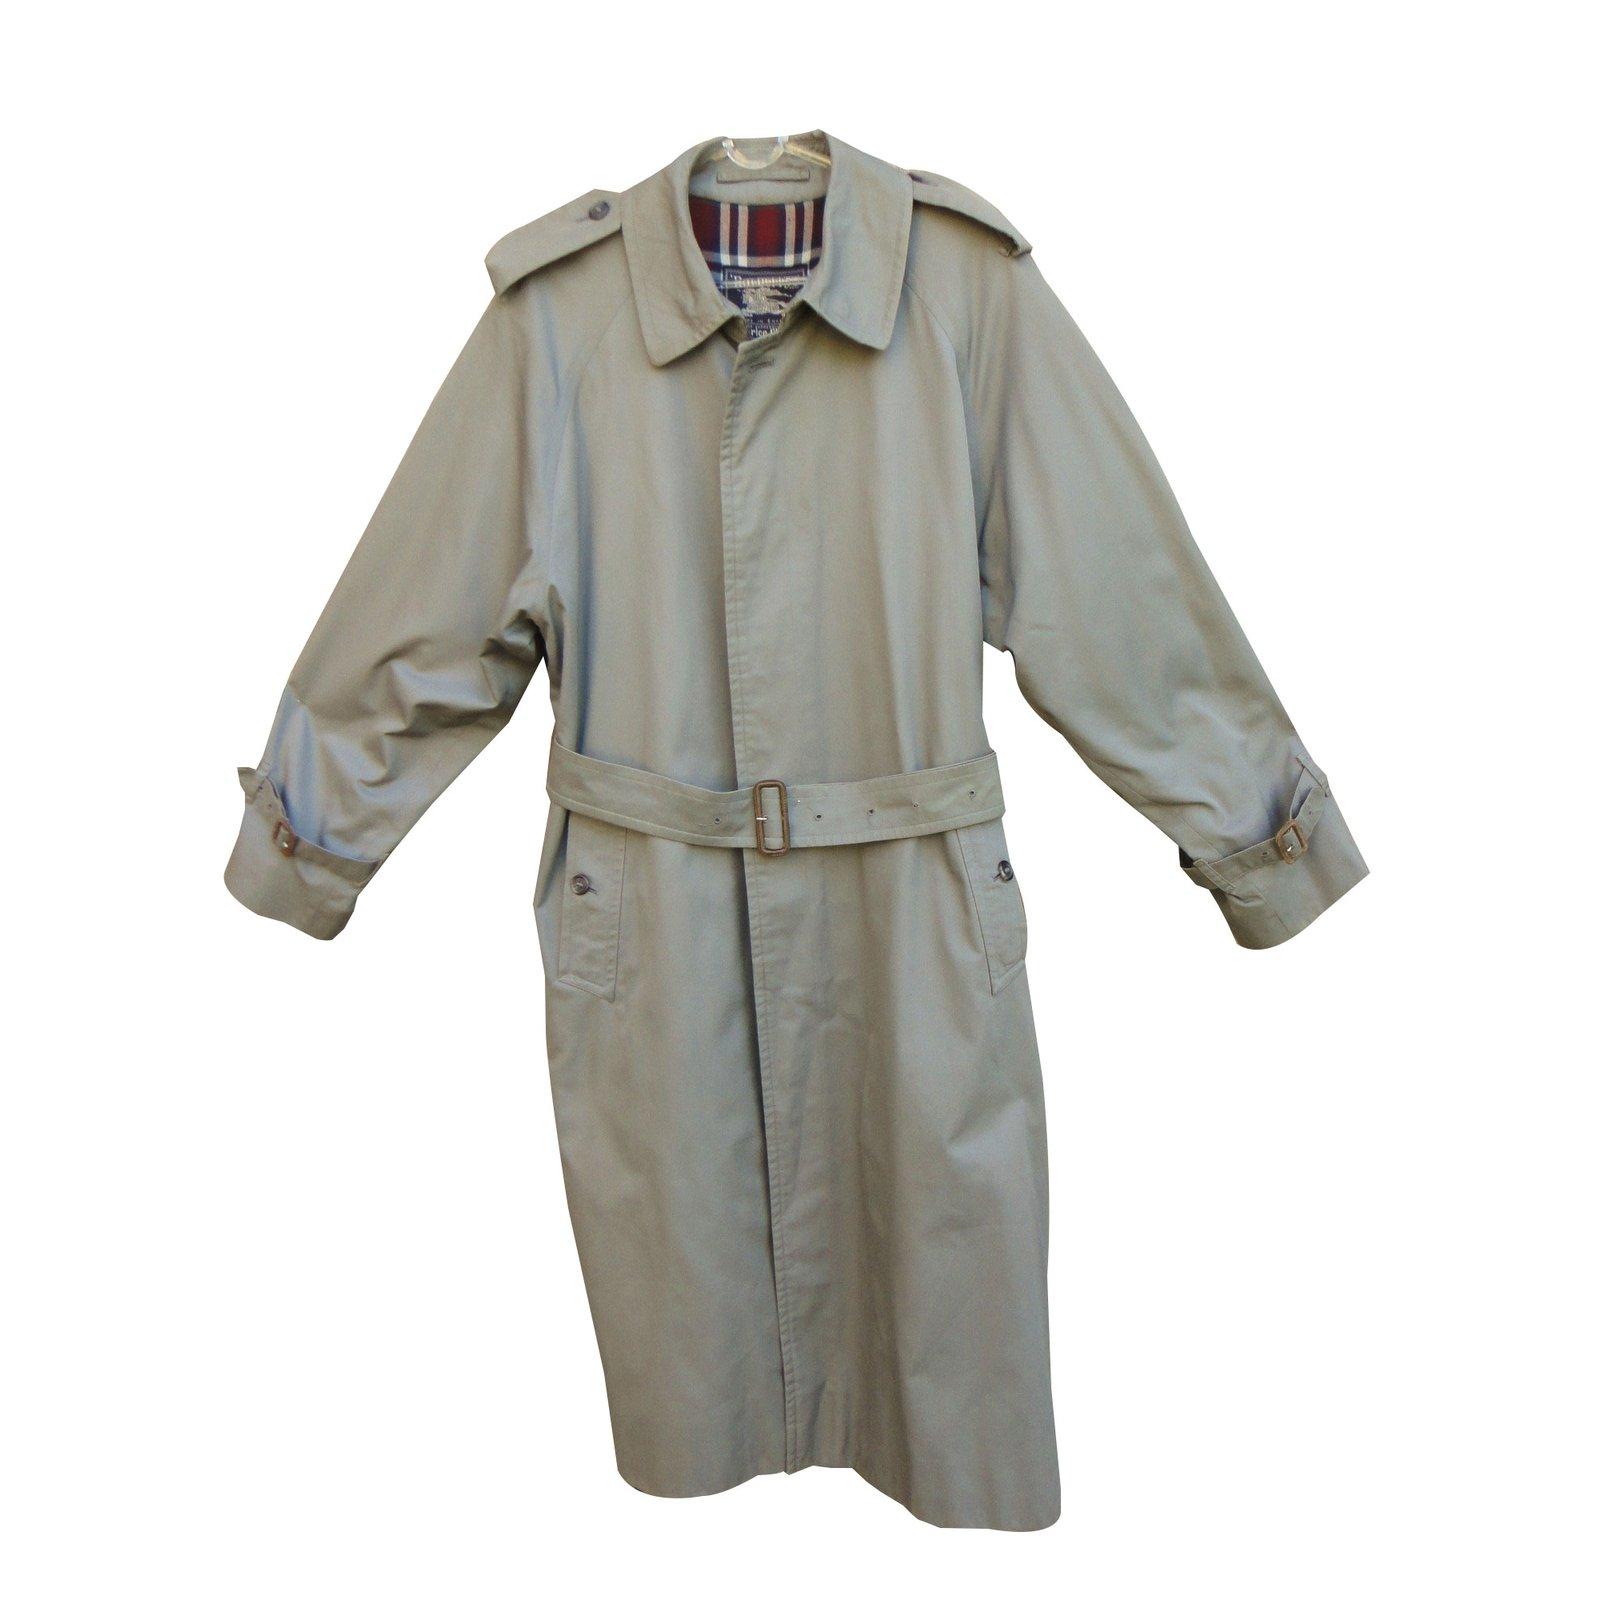 a899154ecd61d Manteaux 38582 Ref Coton Manteau polyester Homme Gris Burberry wpvT8